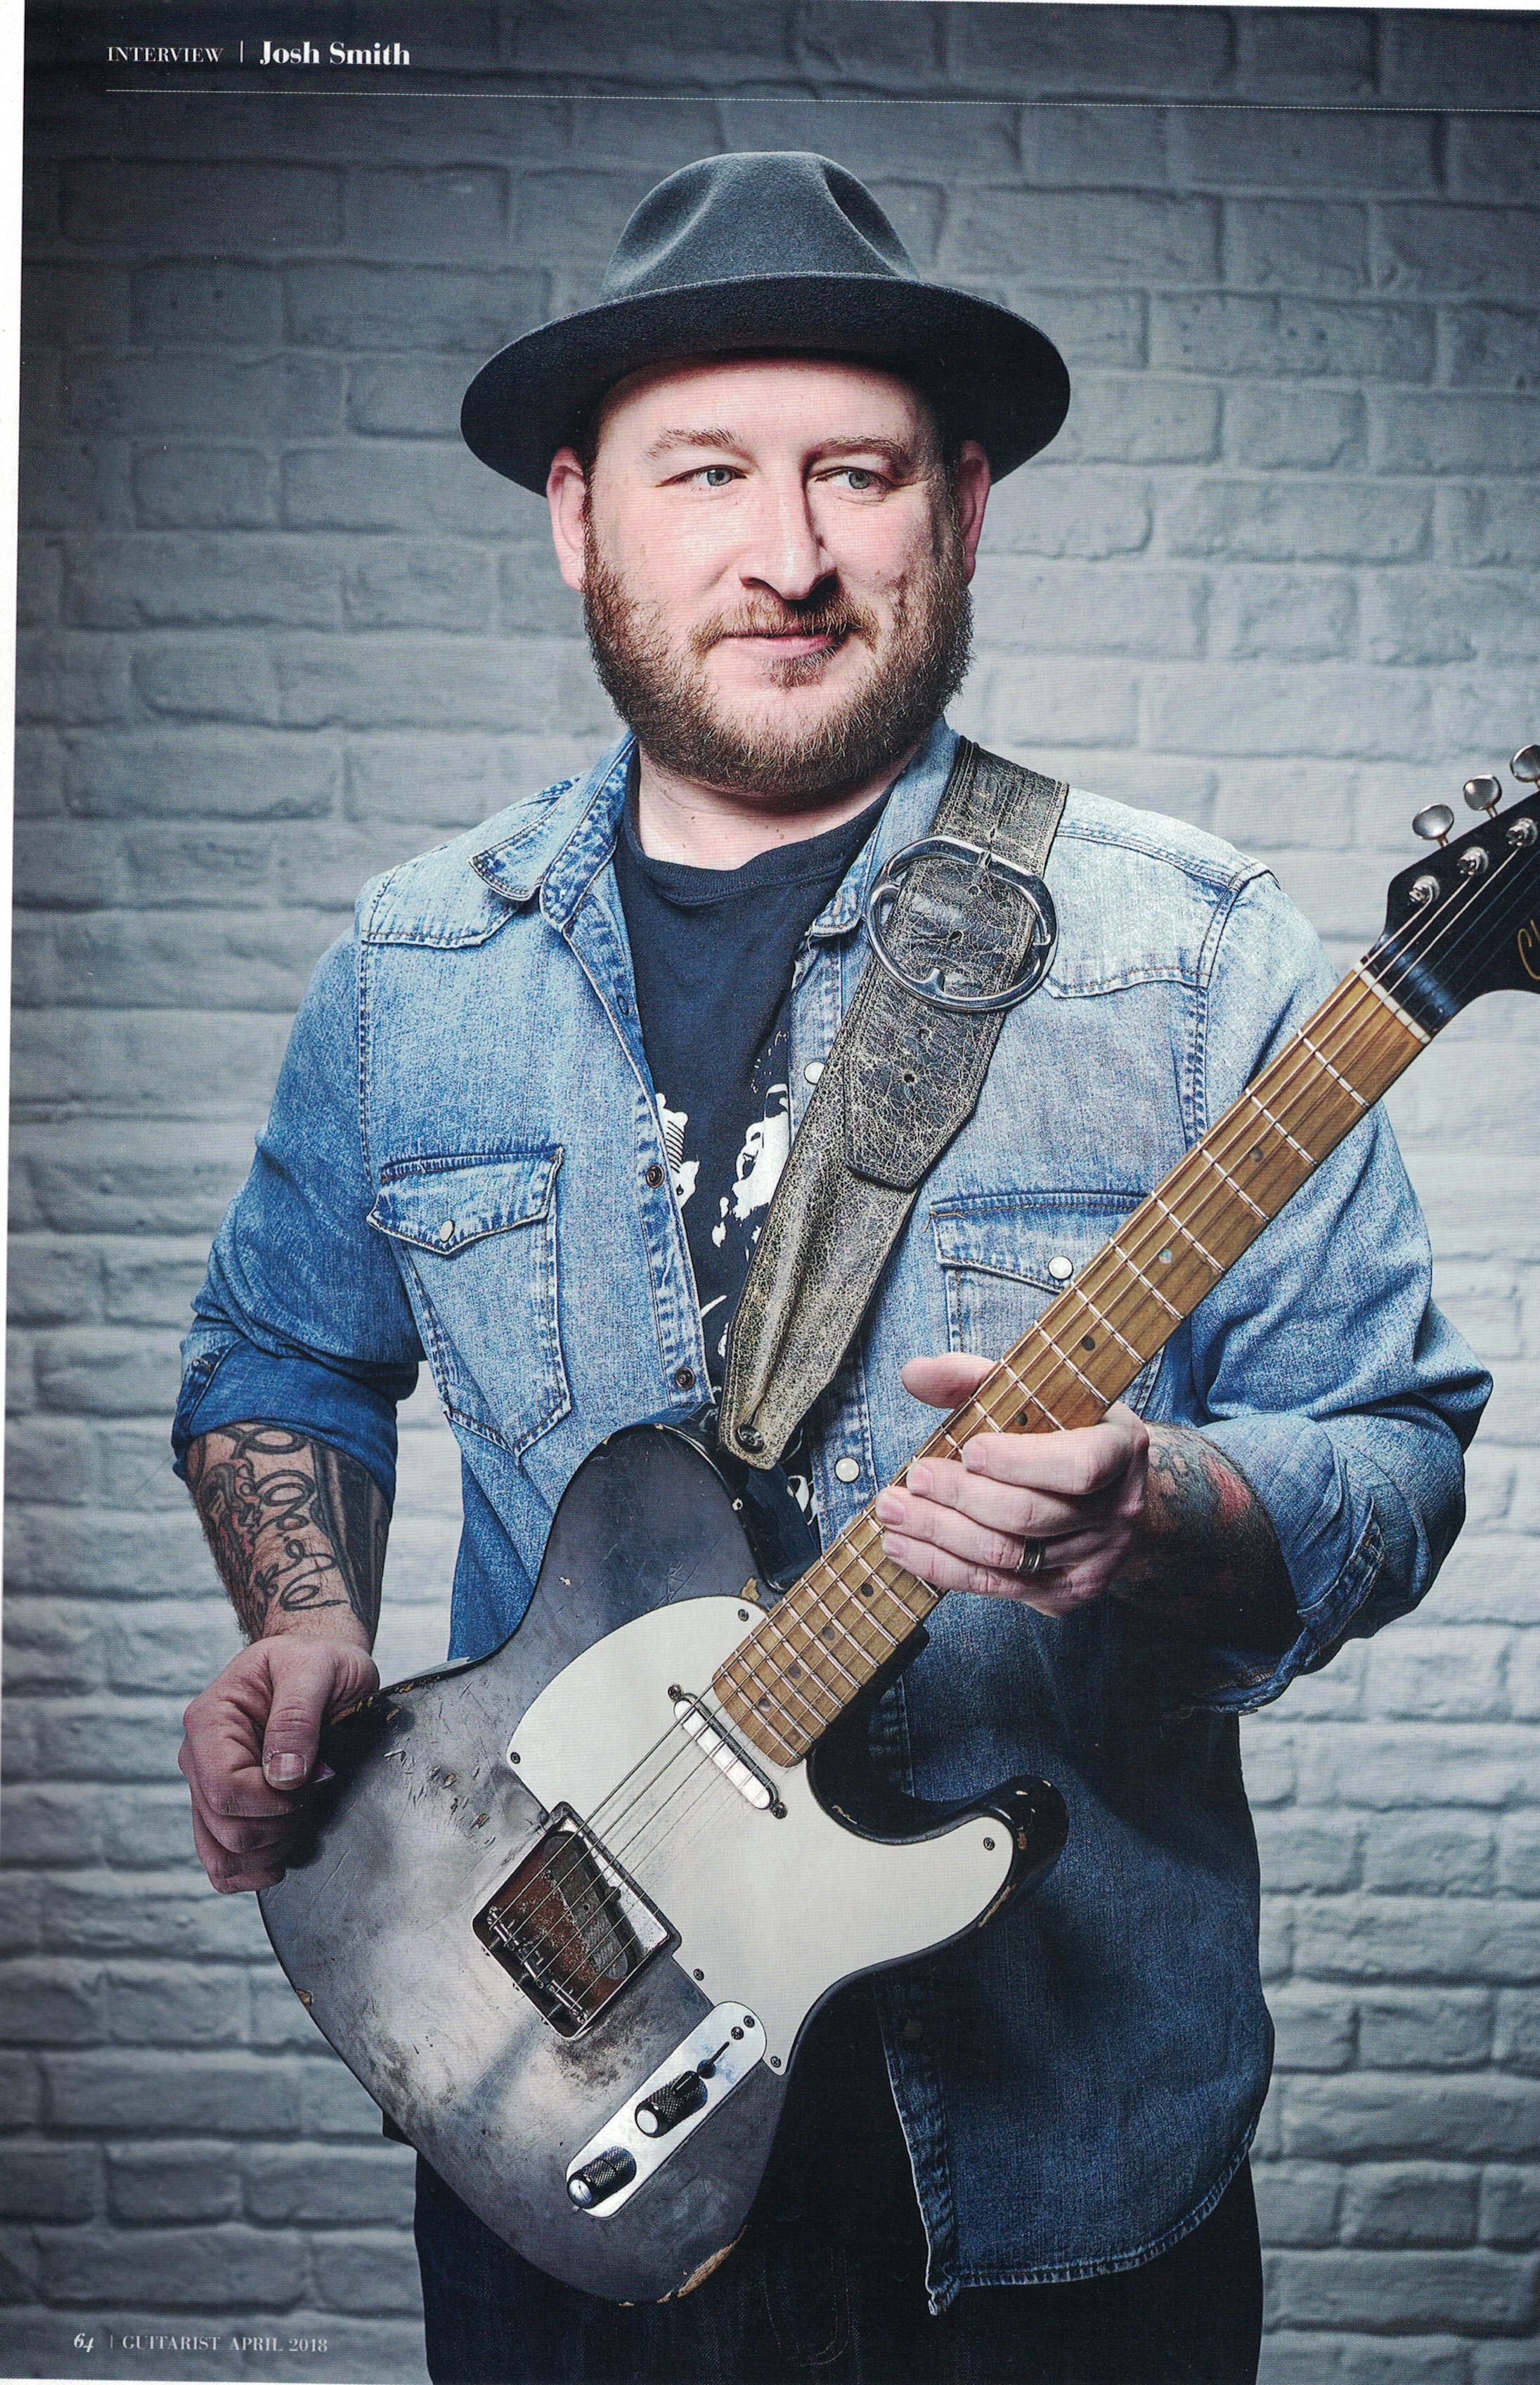 Guitarist page 1.jpeg